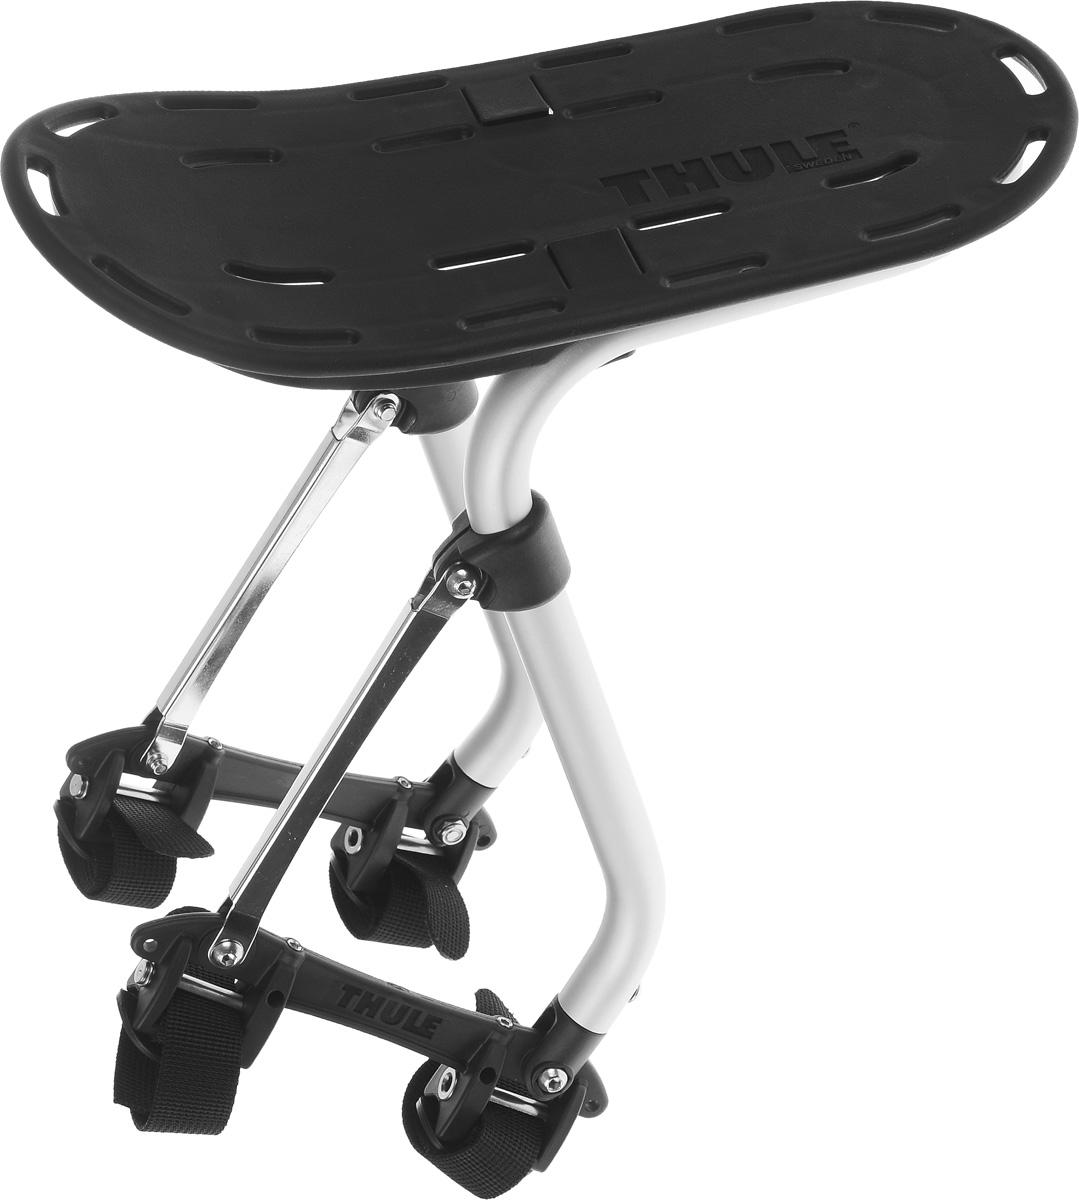 Багажник велосипедный Thule Pack n Pedal Sport Rack100015Багажник велосипедный Thule Pack n Pedal Sport Rack для активных занятий спортом предназначен, главным образом, для размещения грузов и сумок сверху. Многочисленные отверстия позволяют надежно закрепить груз на багажнике при помощи ремней. Запатентованная система установки для велосипедов любого типа - от простого до двухподвесного с диаметром колеса 29. Багажник устанавливается как над задними, так и над передними колесами. Подходит для любого материала рамы велосипеда. Изделие имеет бесшумную конструкцию и не создает вибрации. Багажник поставляется в разобранном виде. Инструкция по сборке прилагается. Грузоподъемность: до 25 кг. Размер доски для размещения грузов: 32 х 15 см.